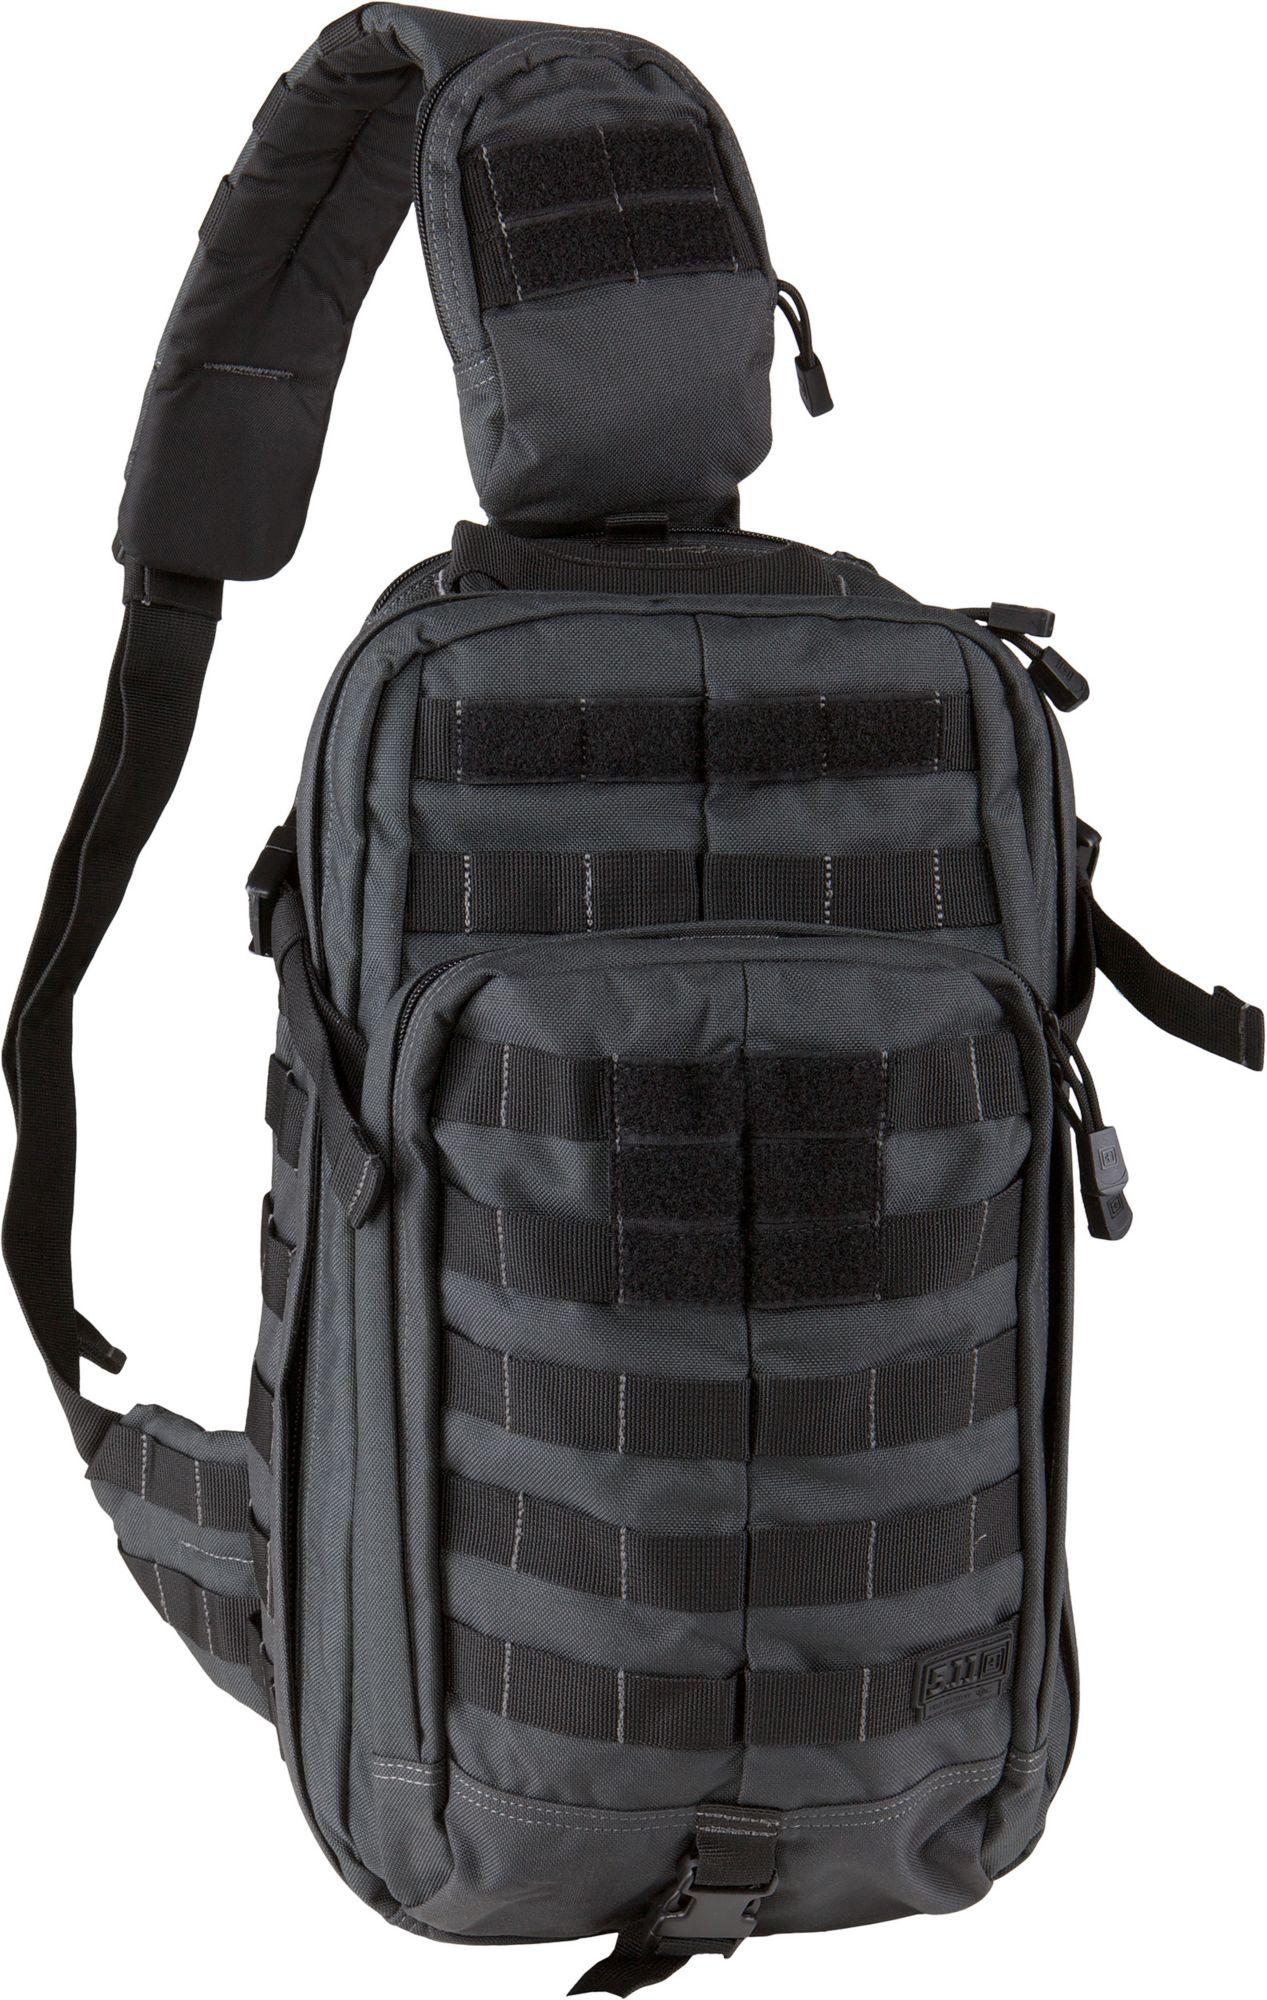 5.11 Tactical RUSH MOAB 10 Go Bag, Men's, Black thumbnail